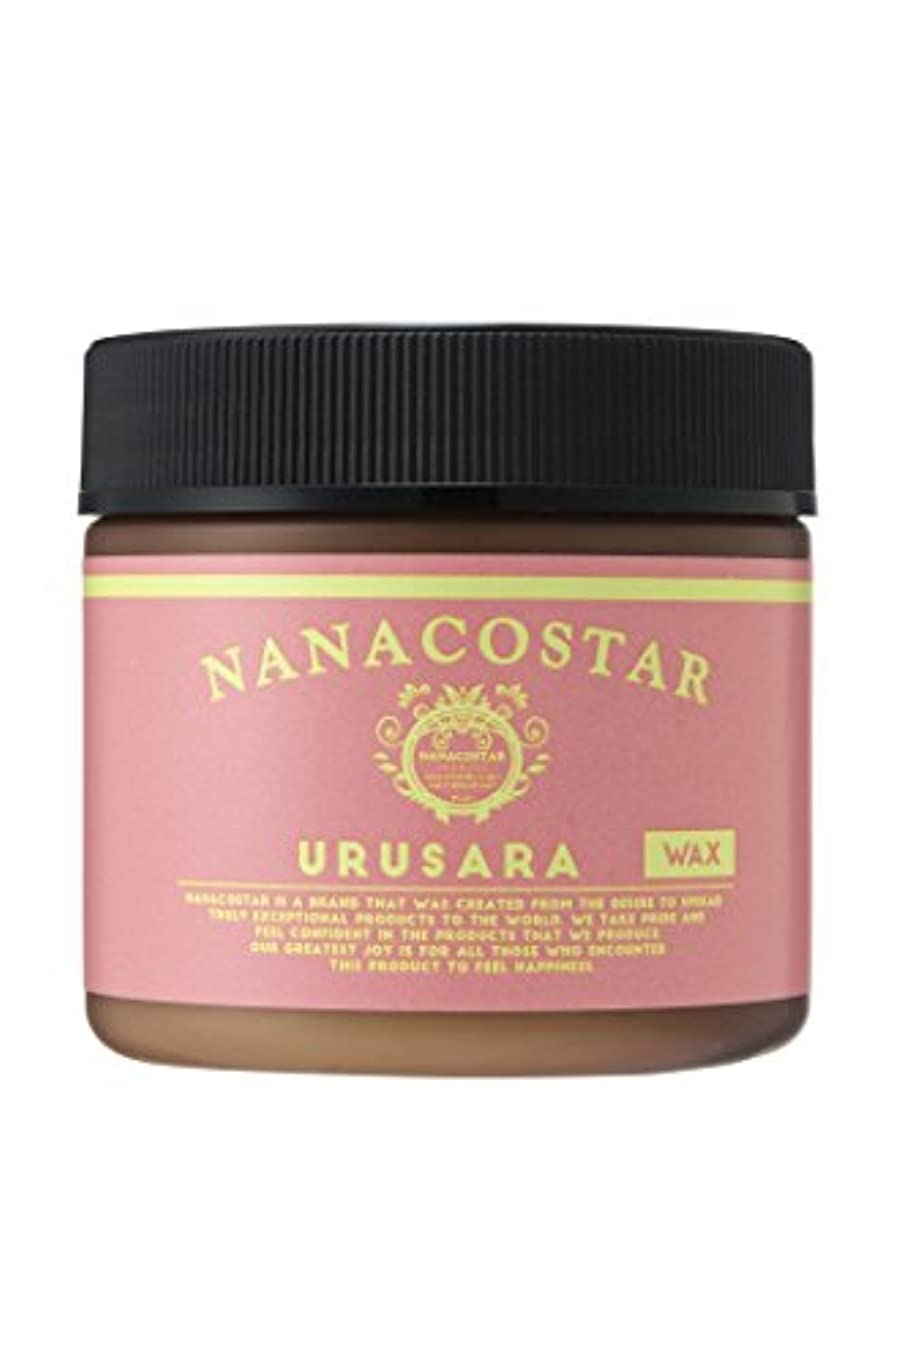 閉塞マークダウンバナナナナコスター [NANACOSTAR] ウルサラワックス URUSARA WAX 75g